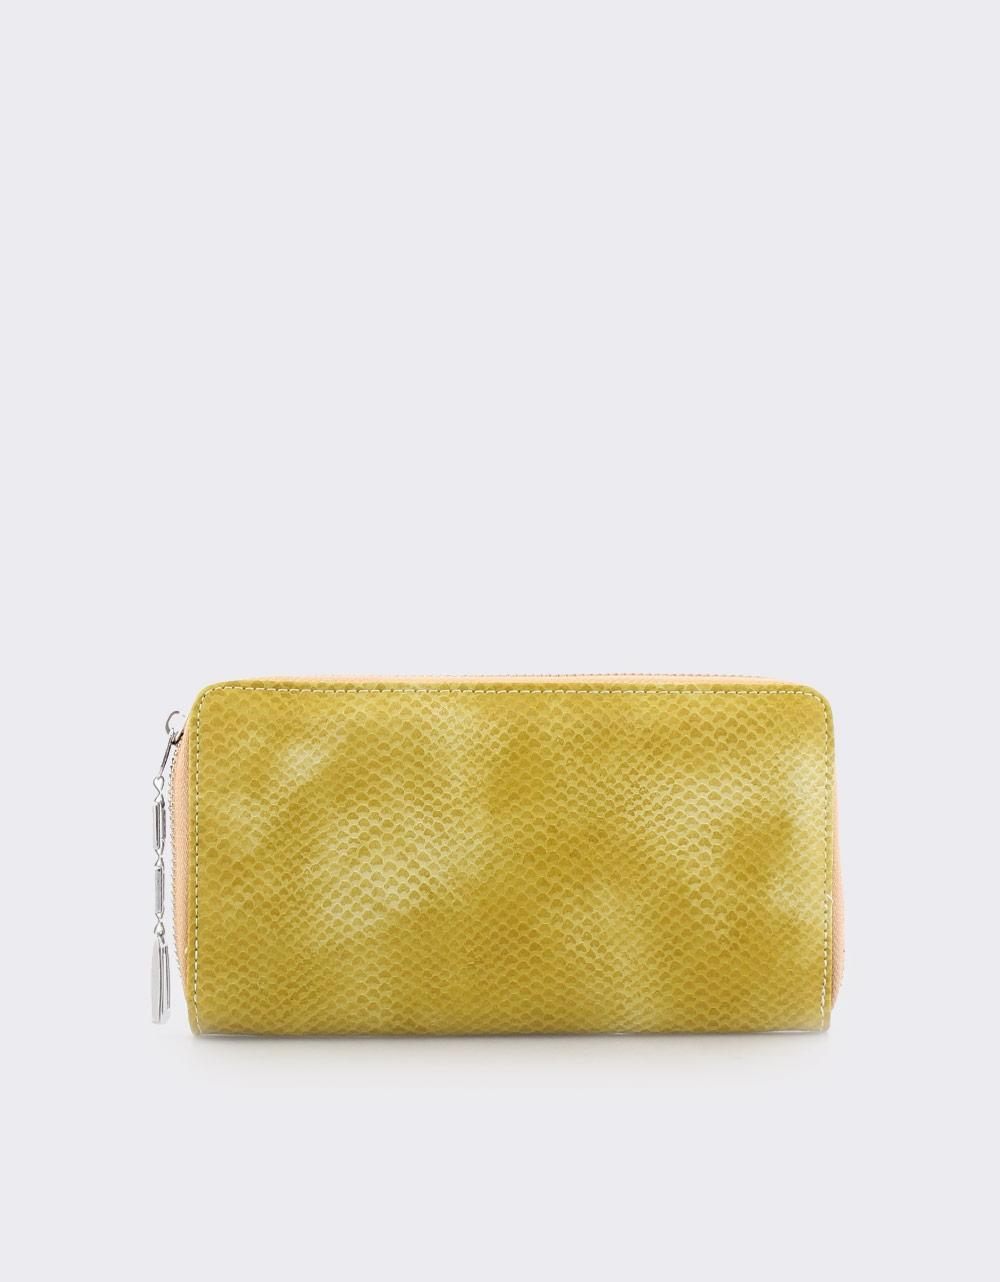 Εικόνα από Γυναικεία πορτοφόλια με κροκό μοτίβο Κίτρινο